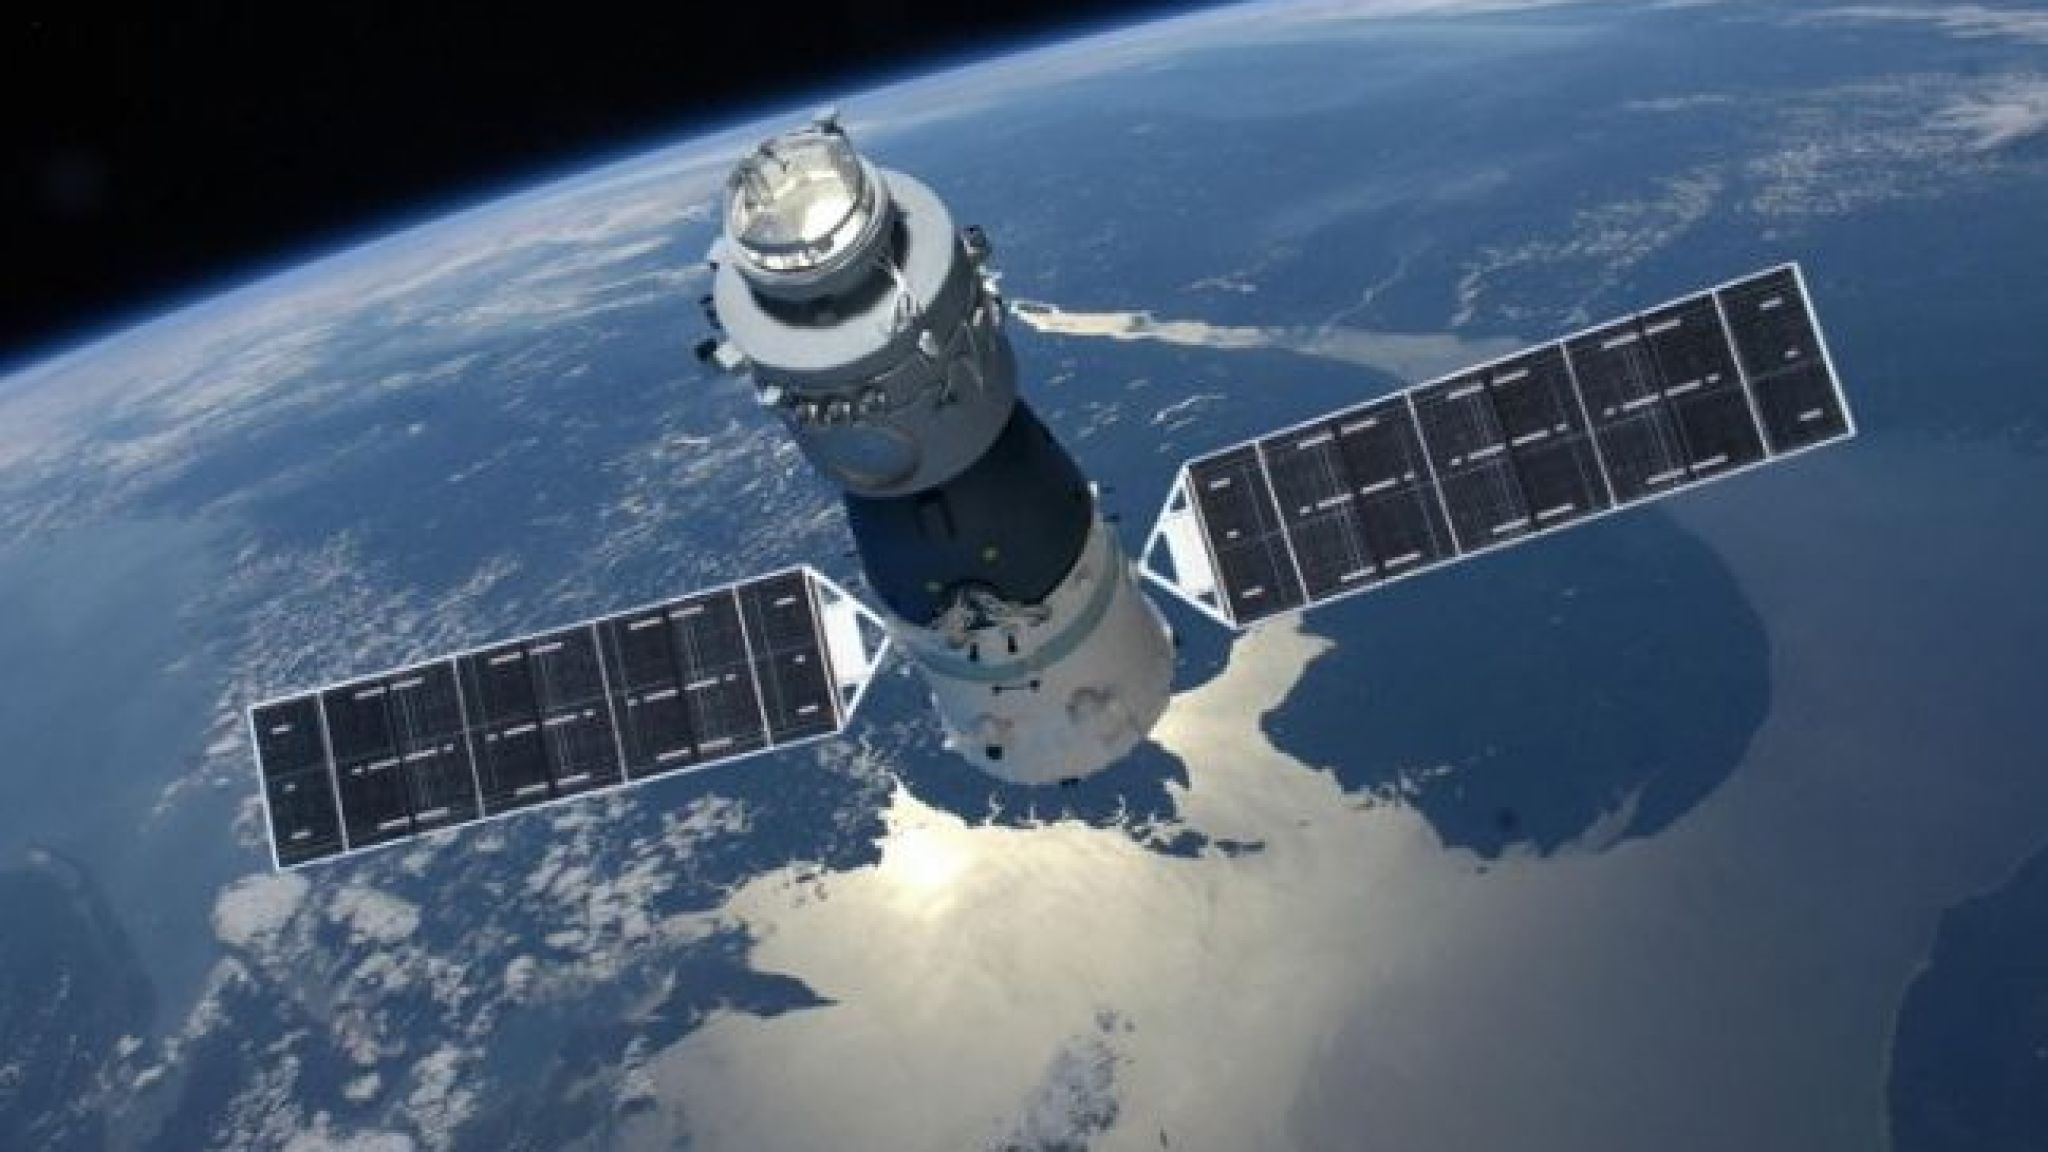 Chinese Remote Sensing Satellite